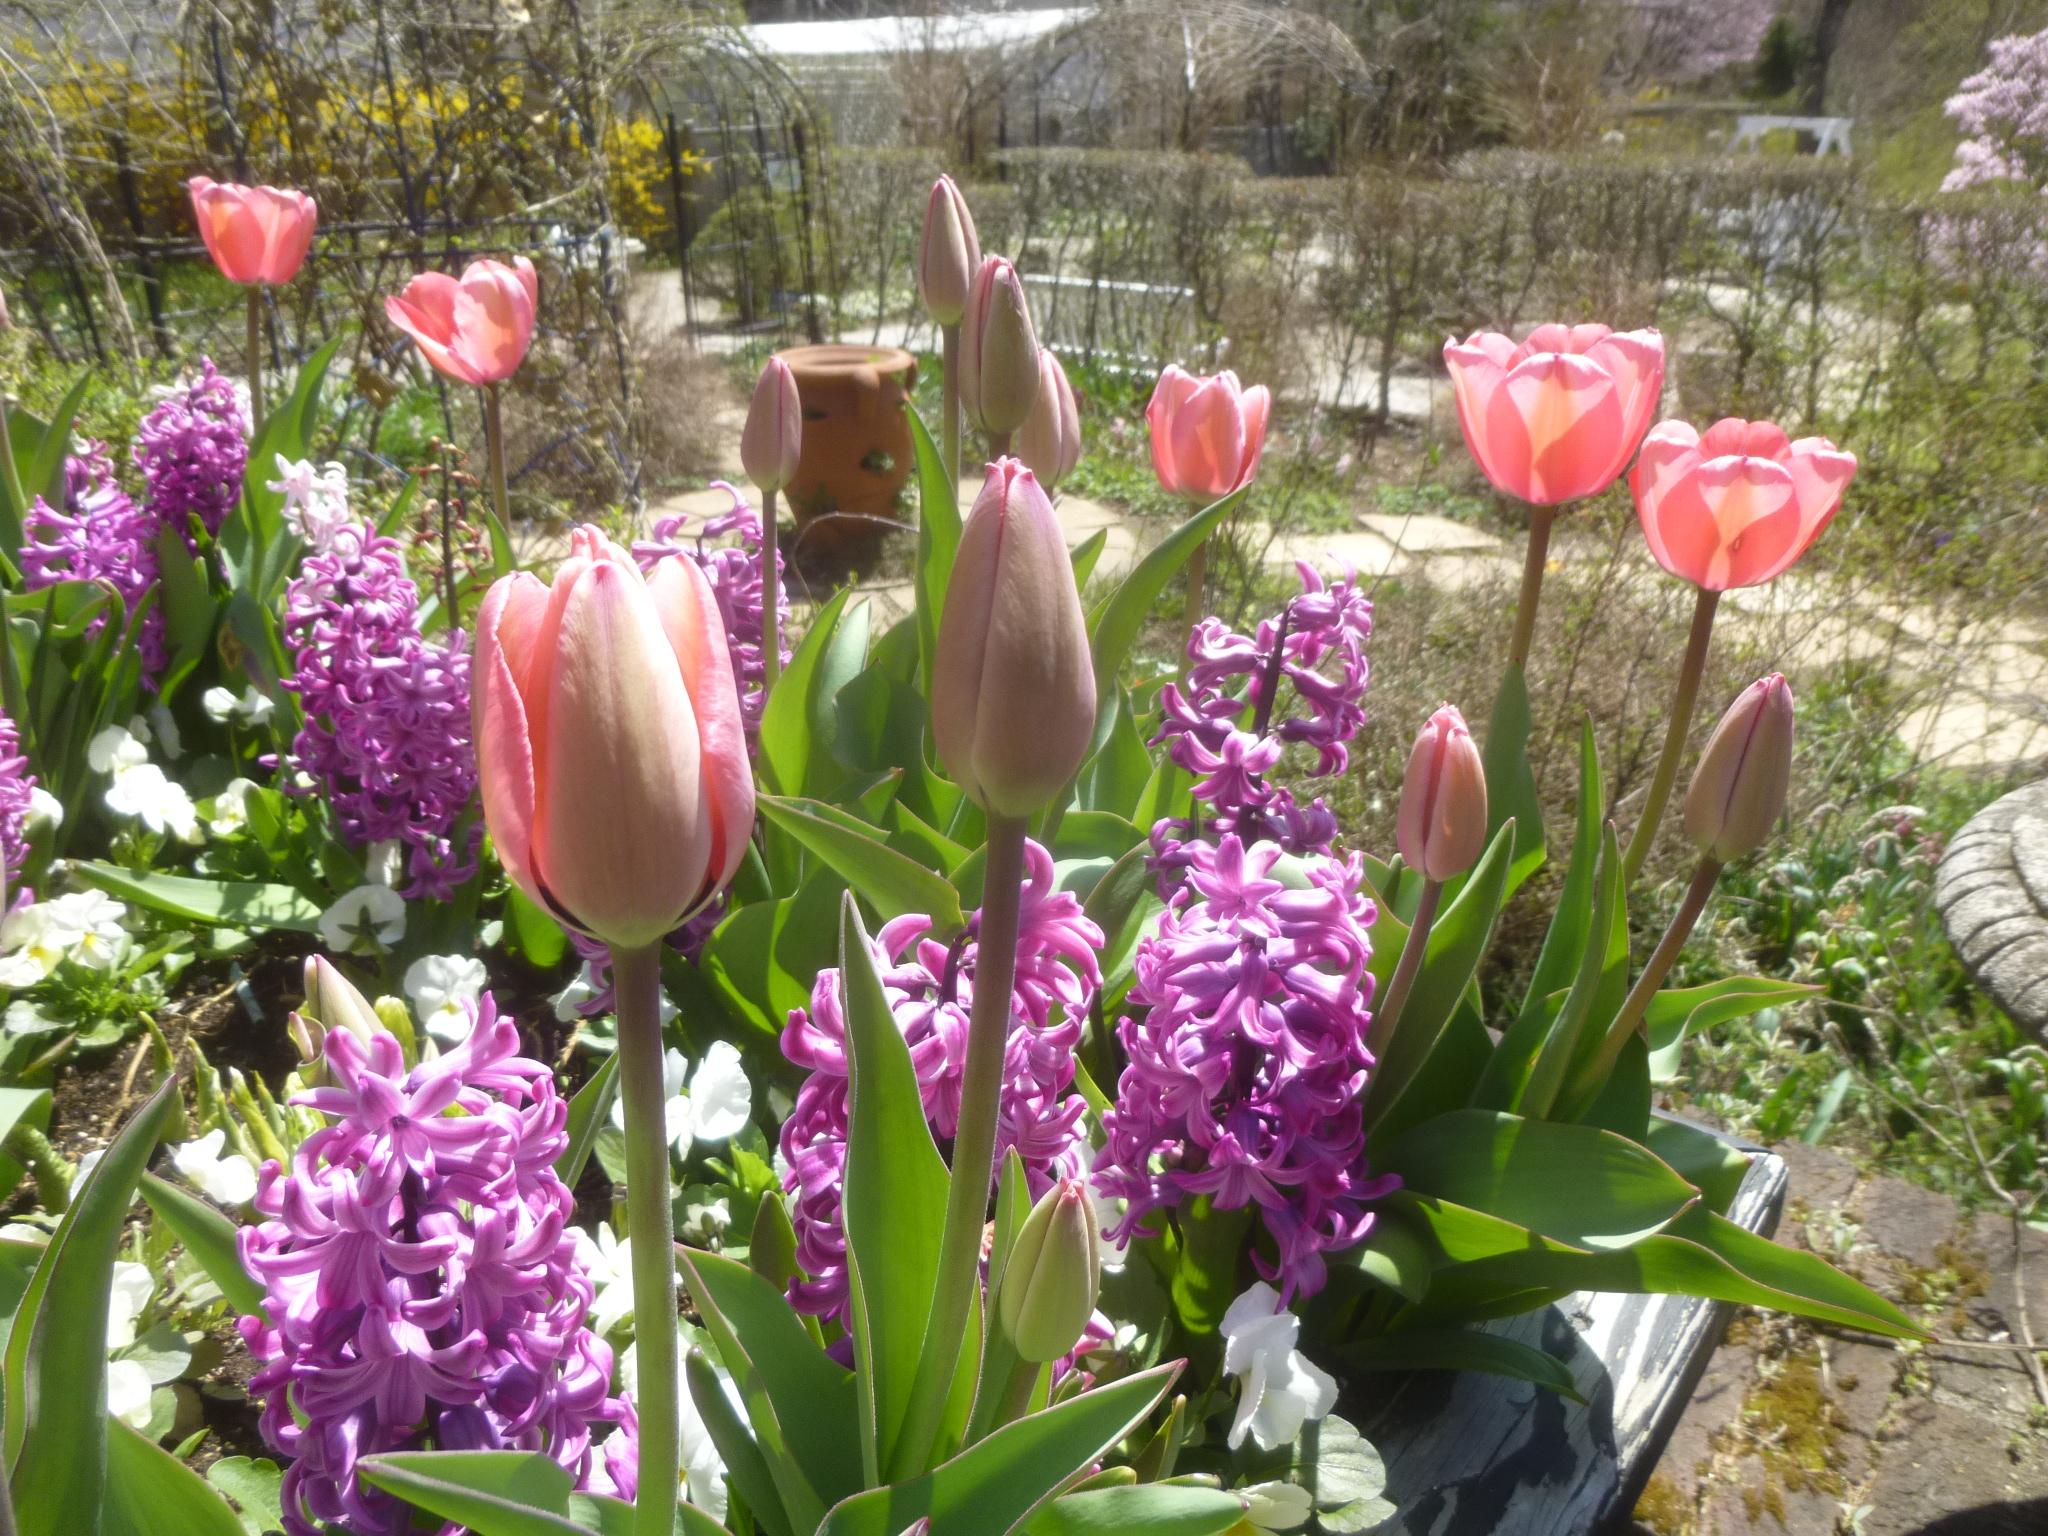 チューリップ(ピンク)とヒヤシンス(紫)の寄植え